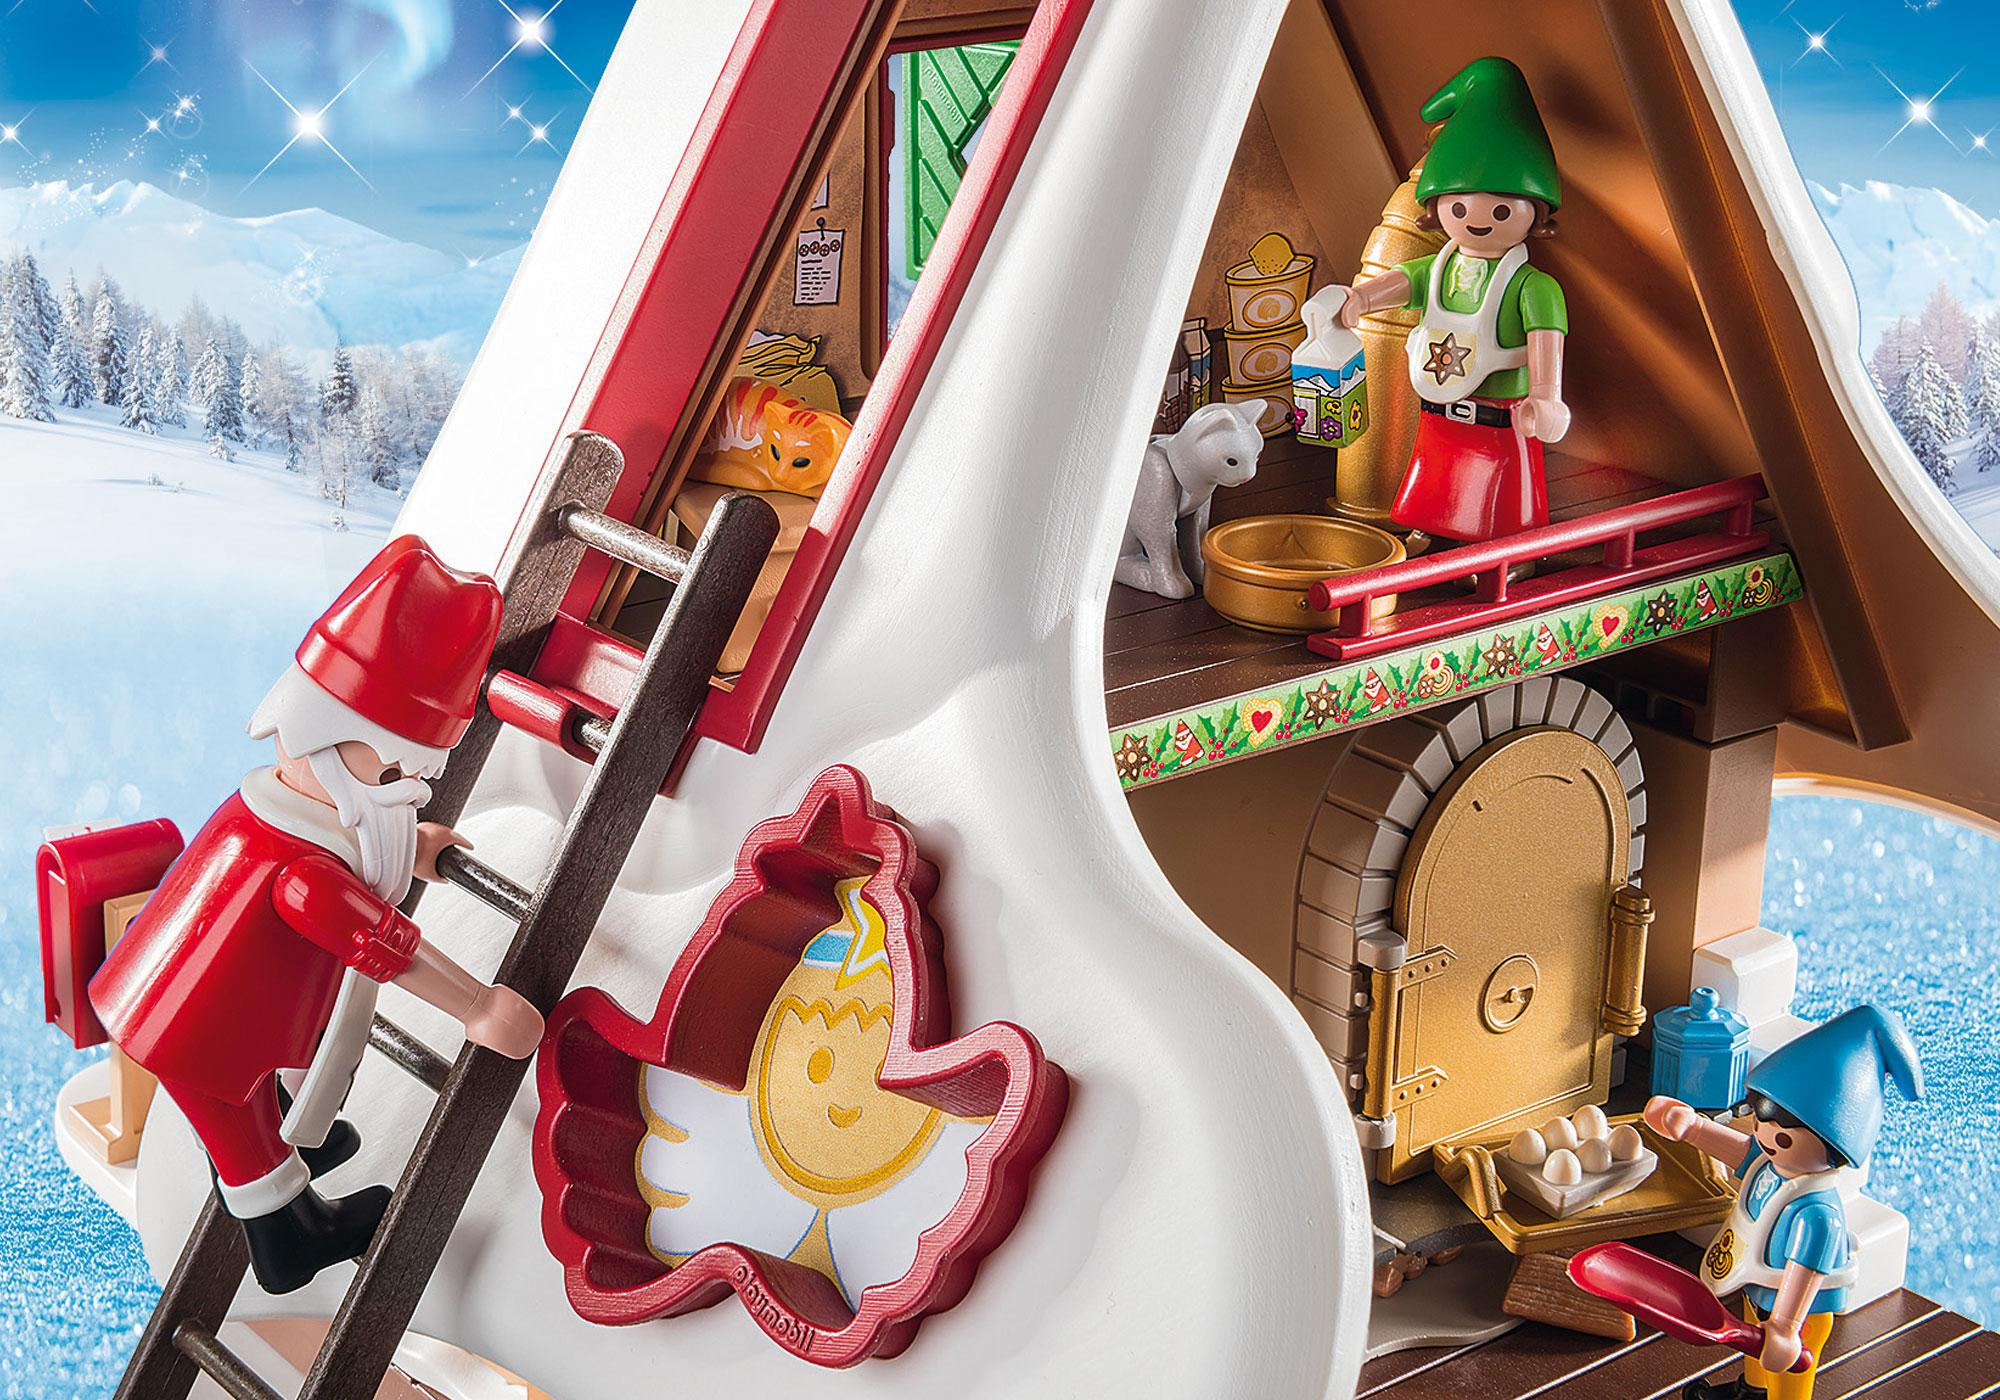 http://media.playmobil.com/i/playmobil/9493_product_extra2/Atelier de biscuit du Père Noël avec moules